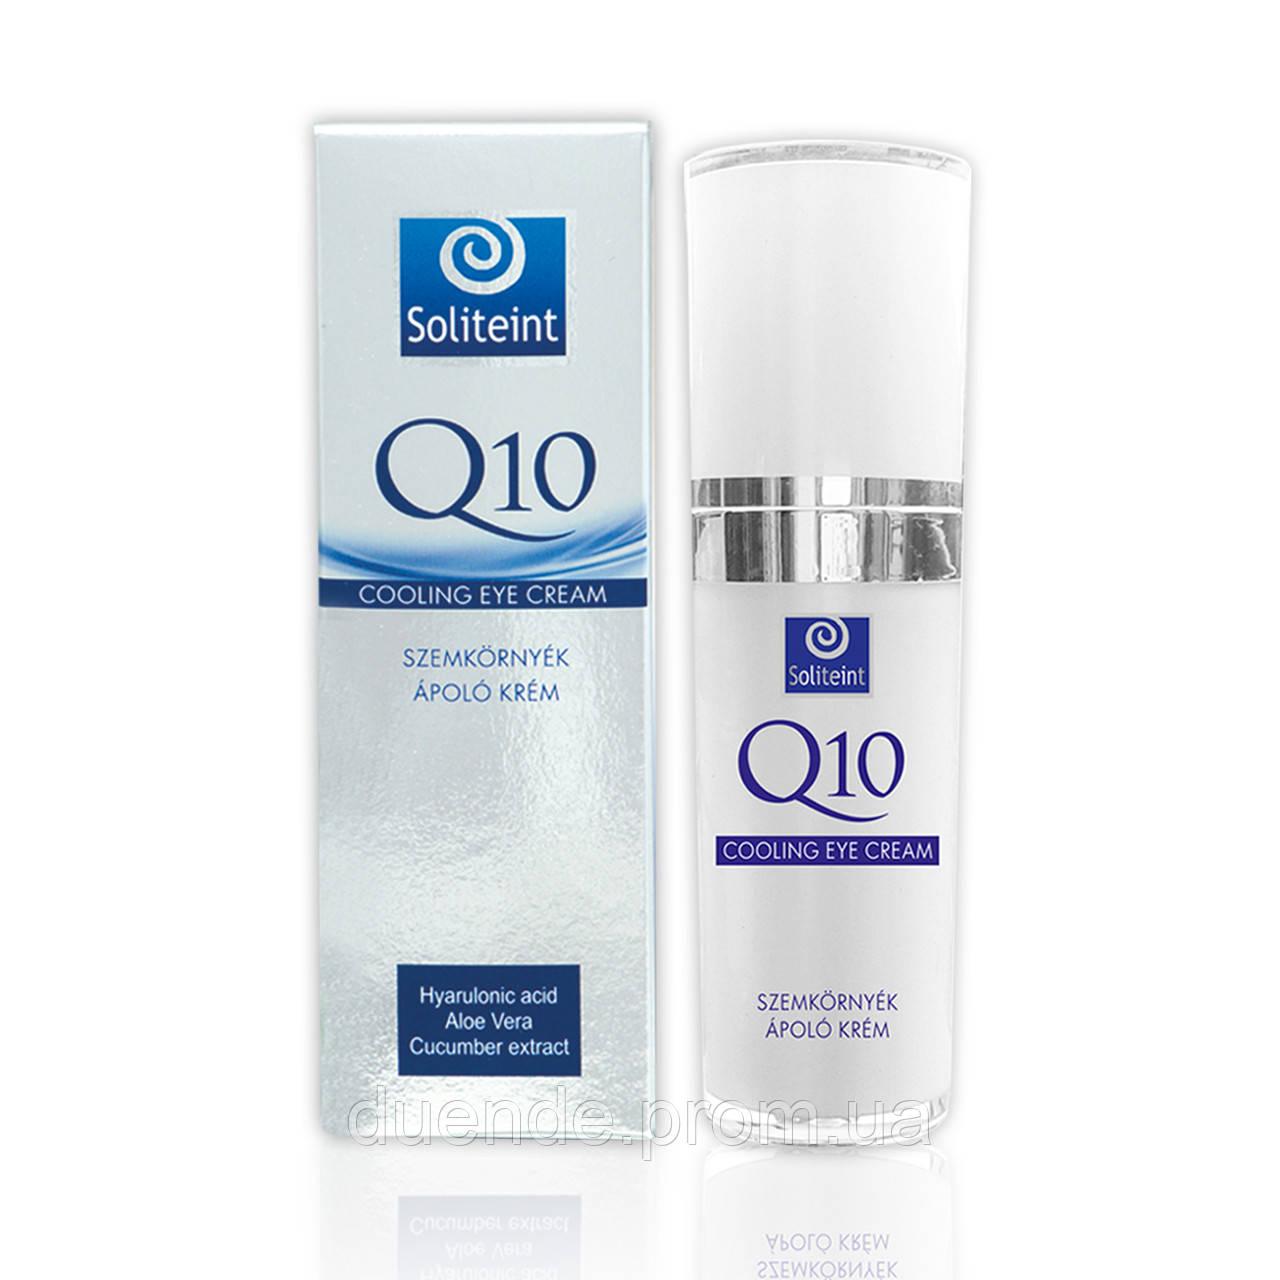 Охлаждающий крем с Q10 для кожи вокруг глаз Soliteint (BIONET Венгрия) - 30 мл